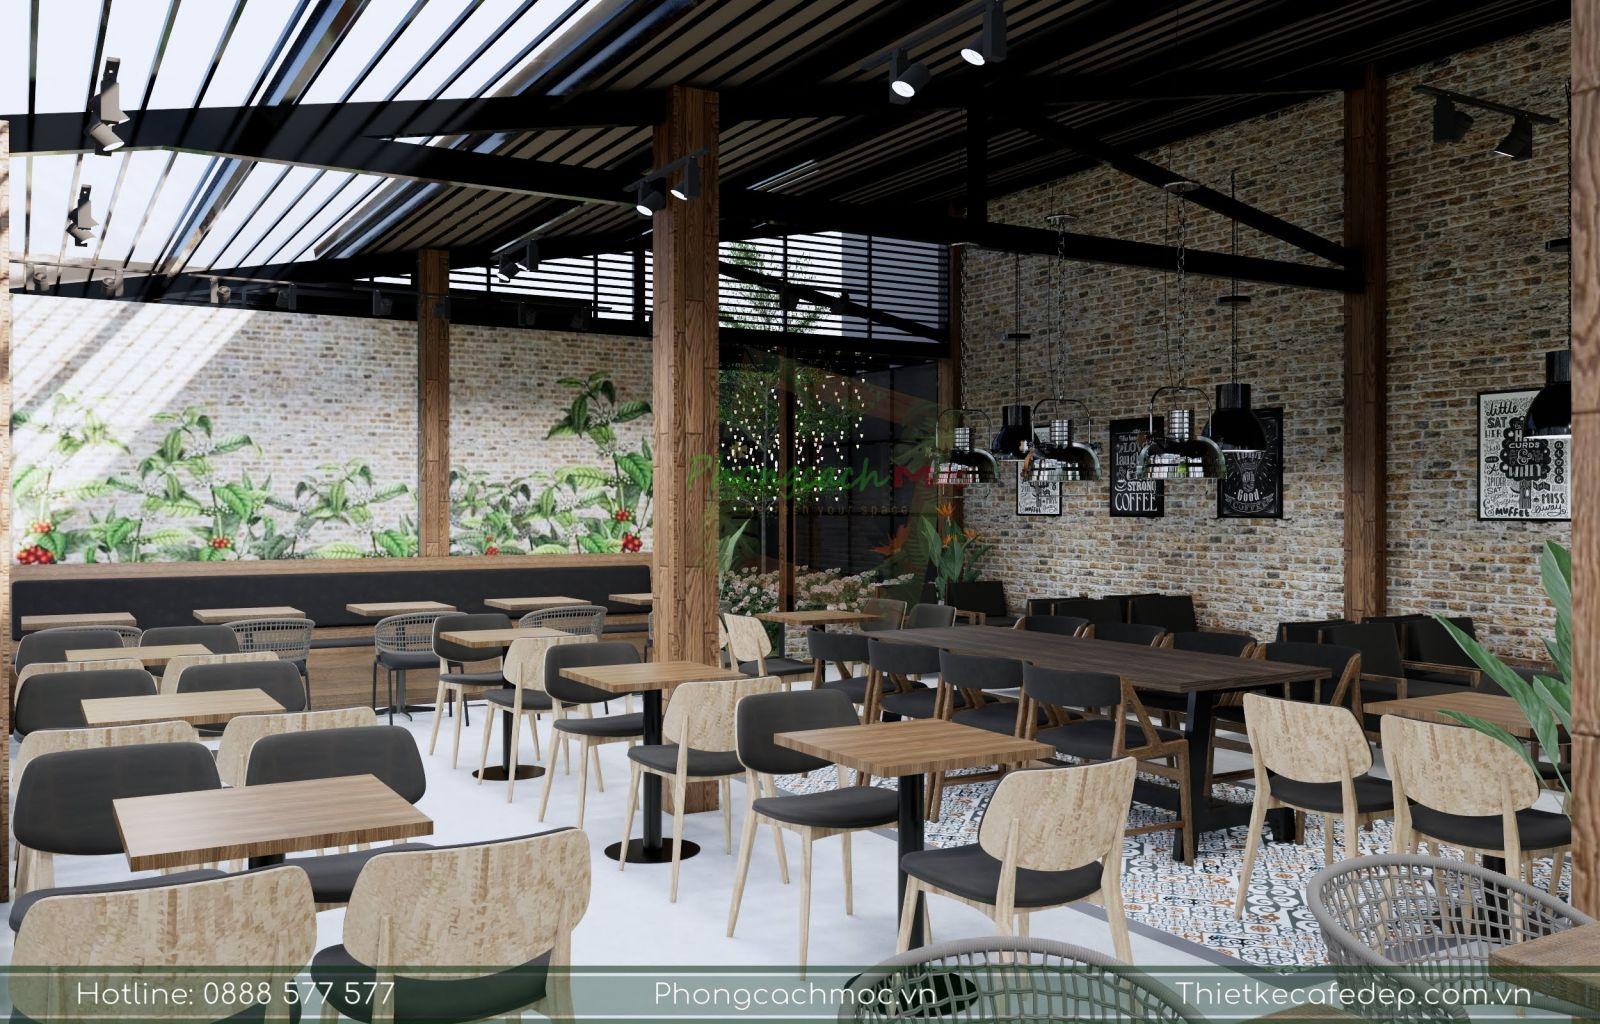 pcm thiết kế đưa mẫu bàn ghế gỗ mc149 cho quán cafe gapu coffee